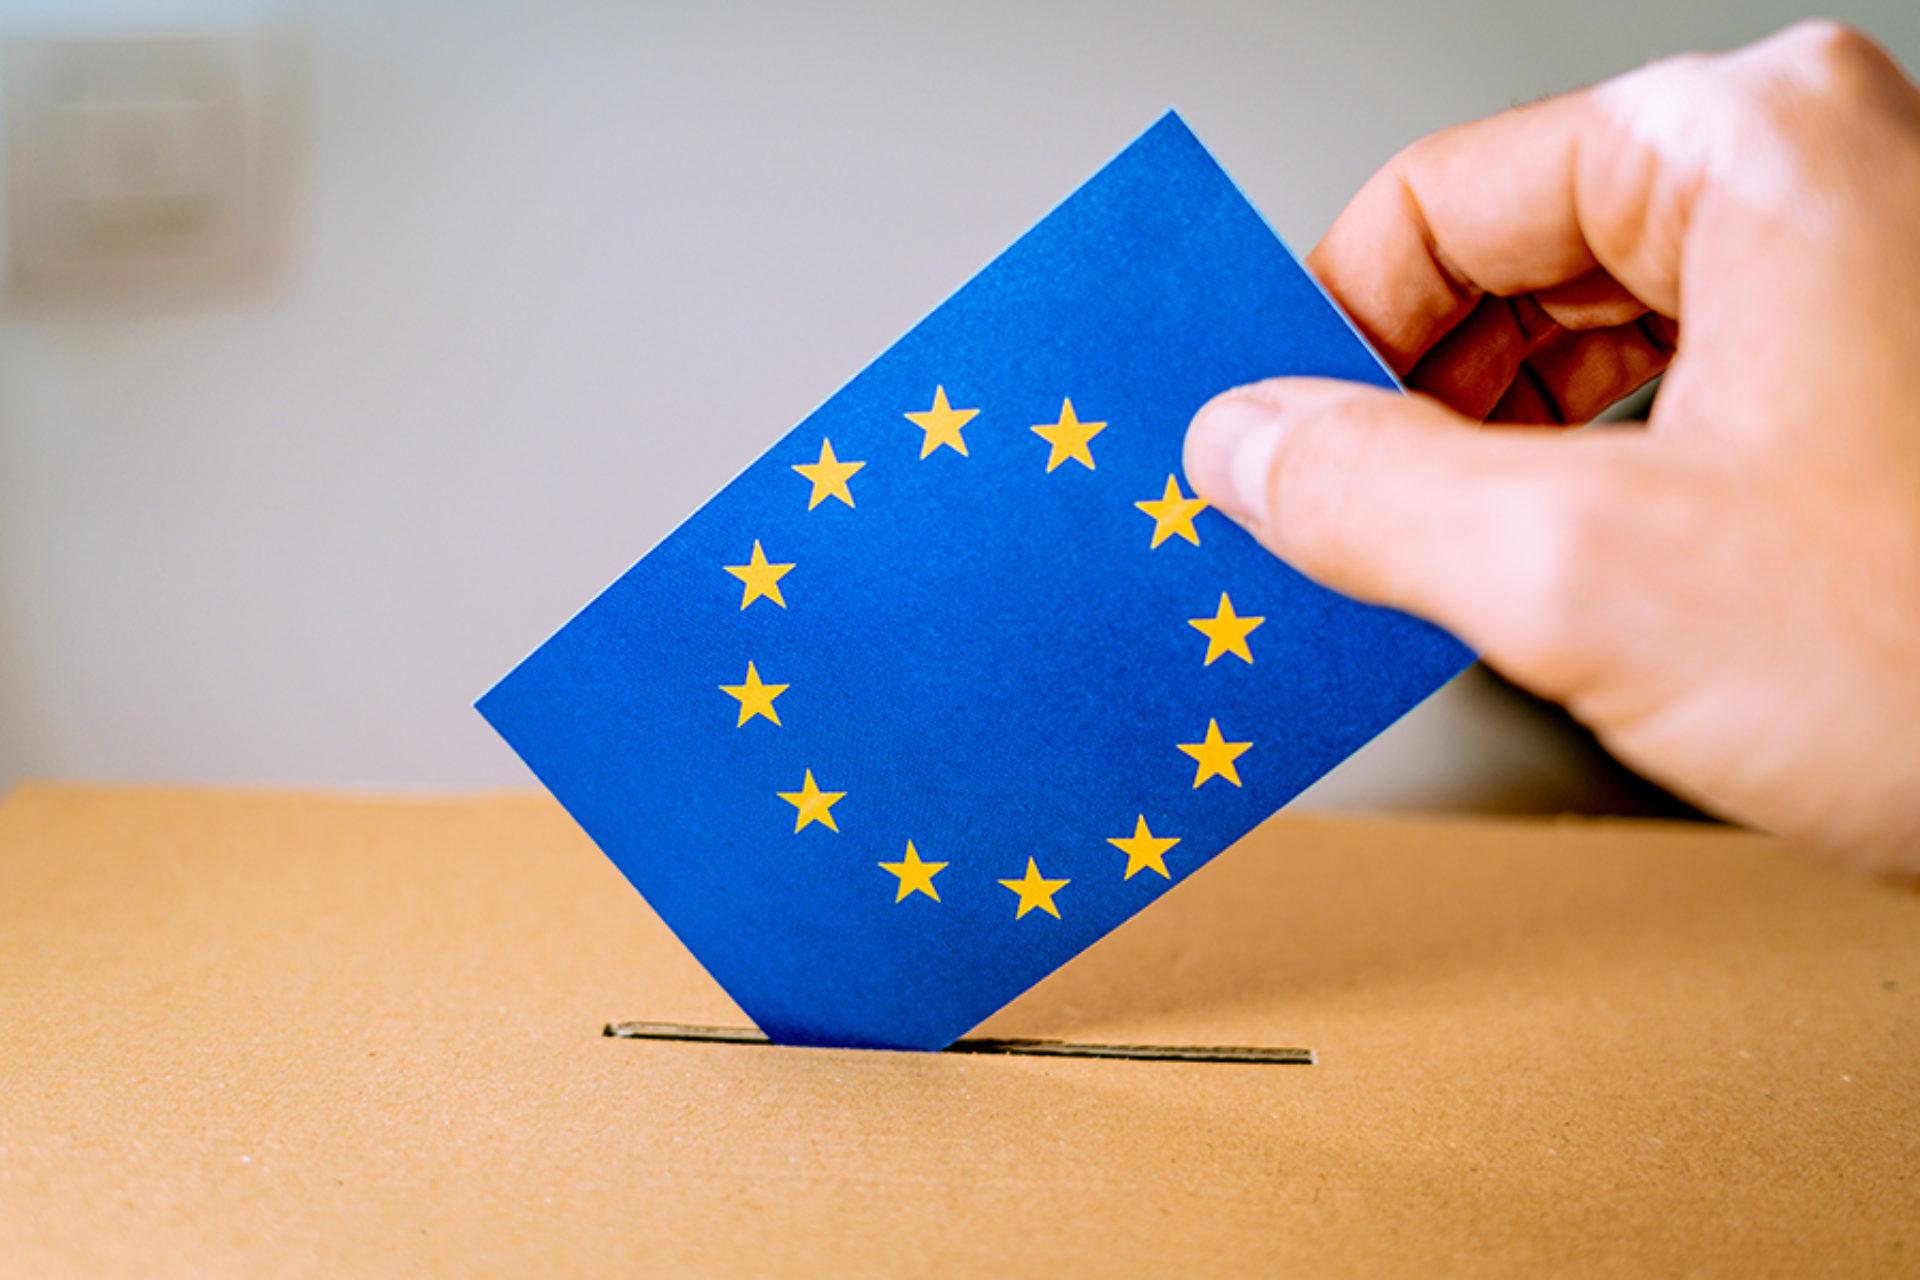 De Europese Verkiezingen: een astrologische interpretatie